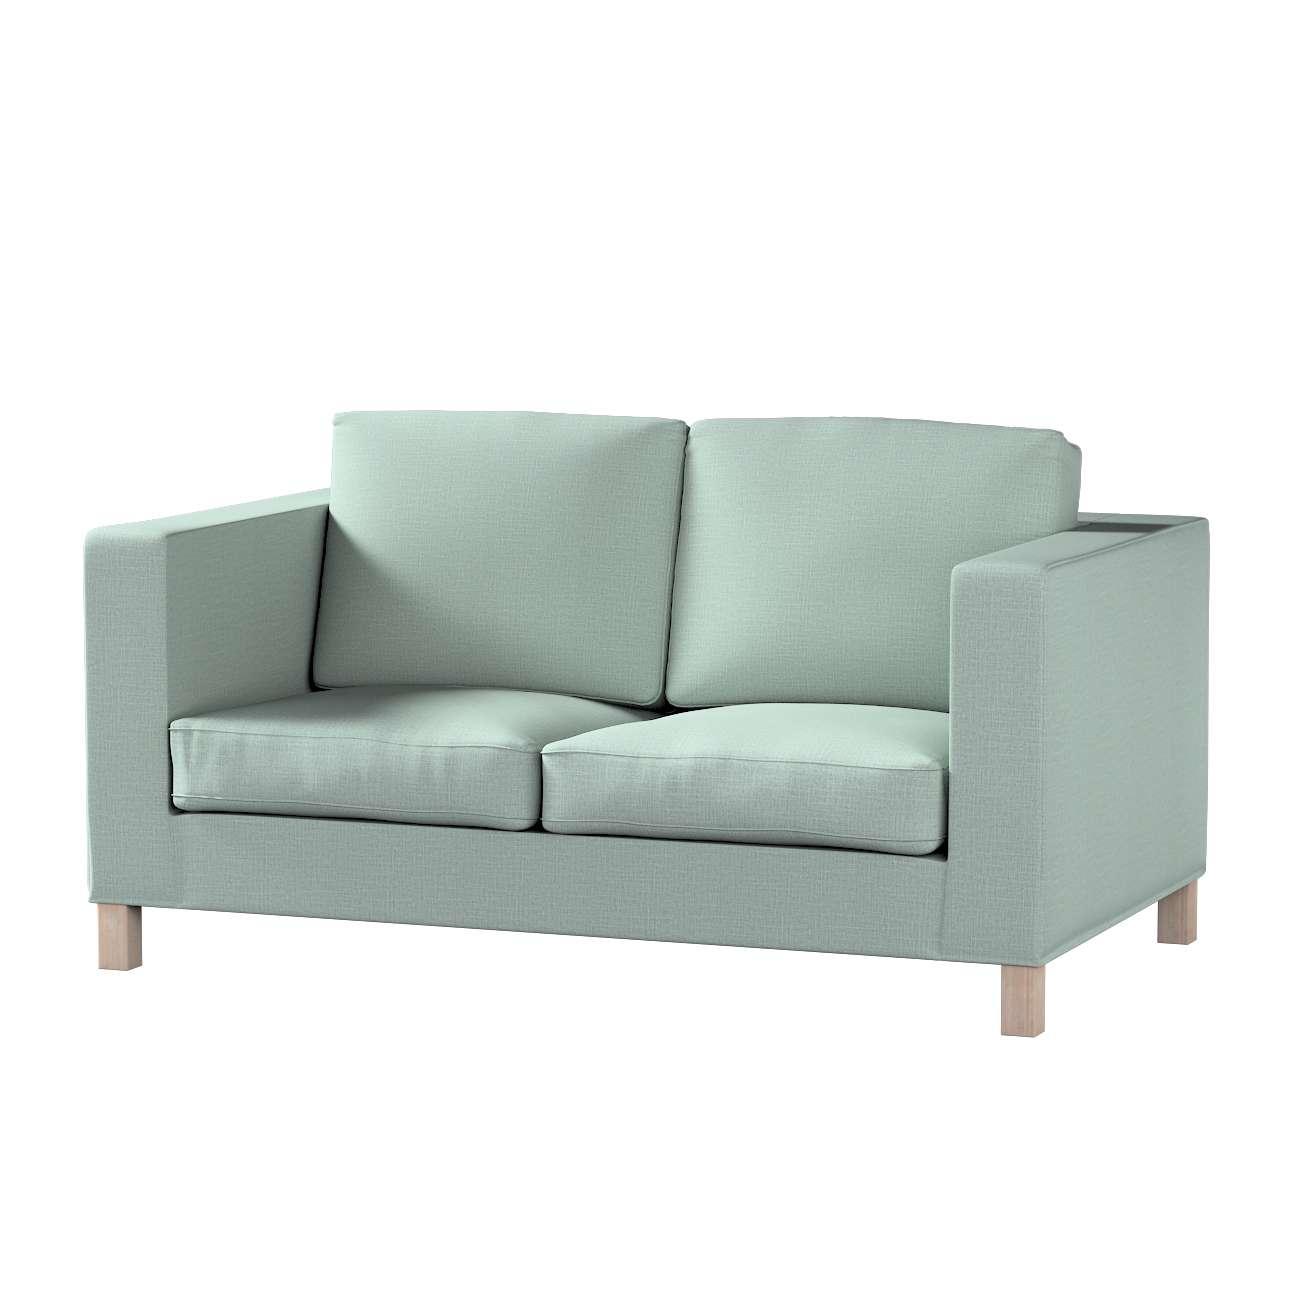 Pokrowiec na sofę Karlanda 2-osobową nierozkładaną, krótki w kolekcji Living II, tkanina: 160-86